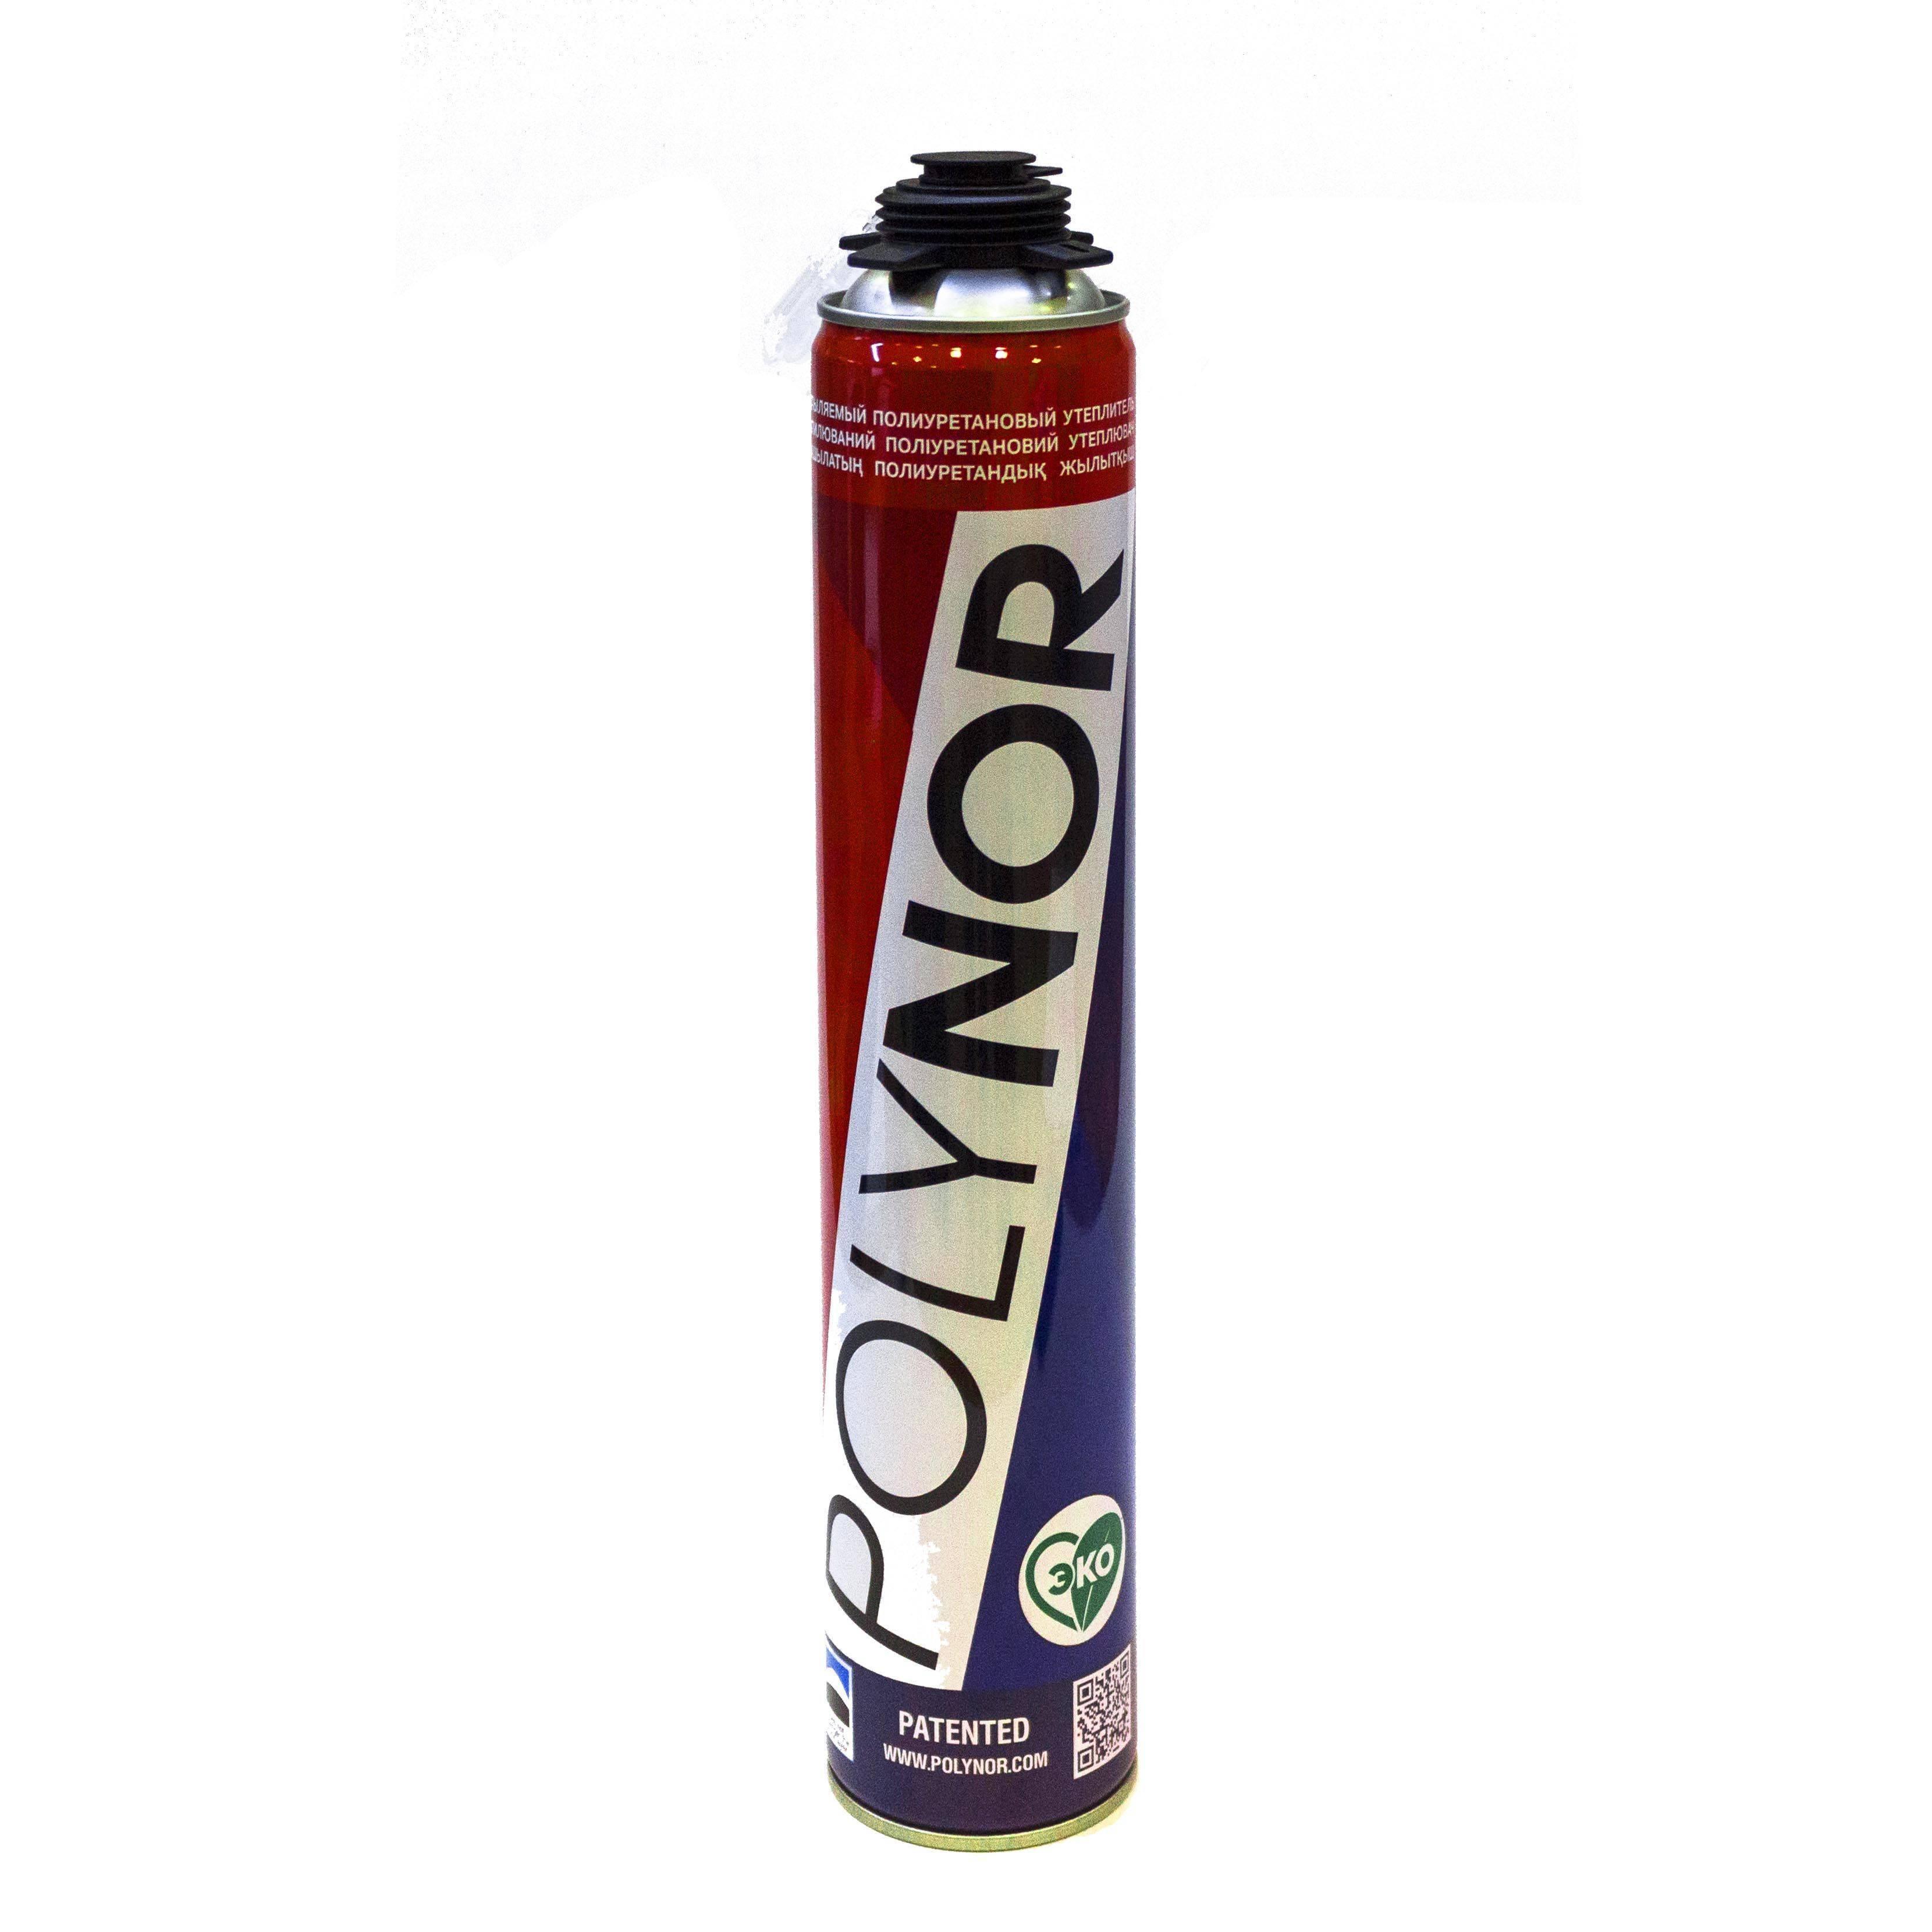 Напыляемый полиуретановый утеплитель polynor - отзывы